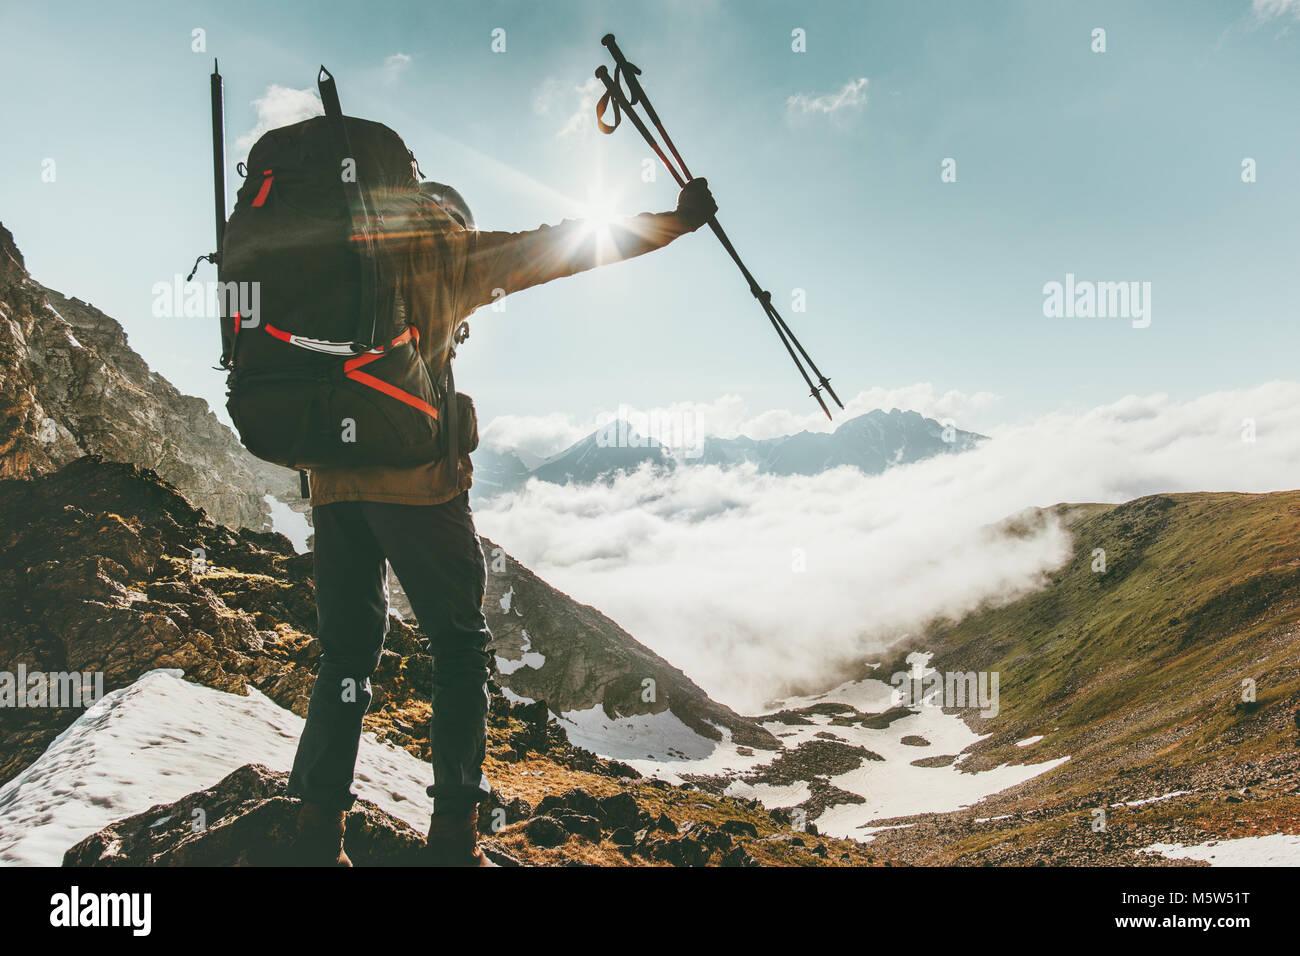 Backpacker Mann auf Gipfel Reisen Erfolg lifestyle überleben Konzept Abenteuer aktiv Urlaub im Freien sonnigen Stockbild